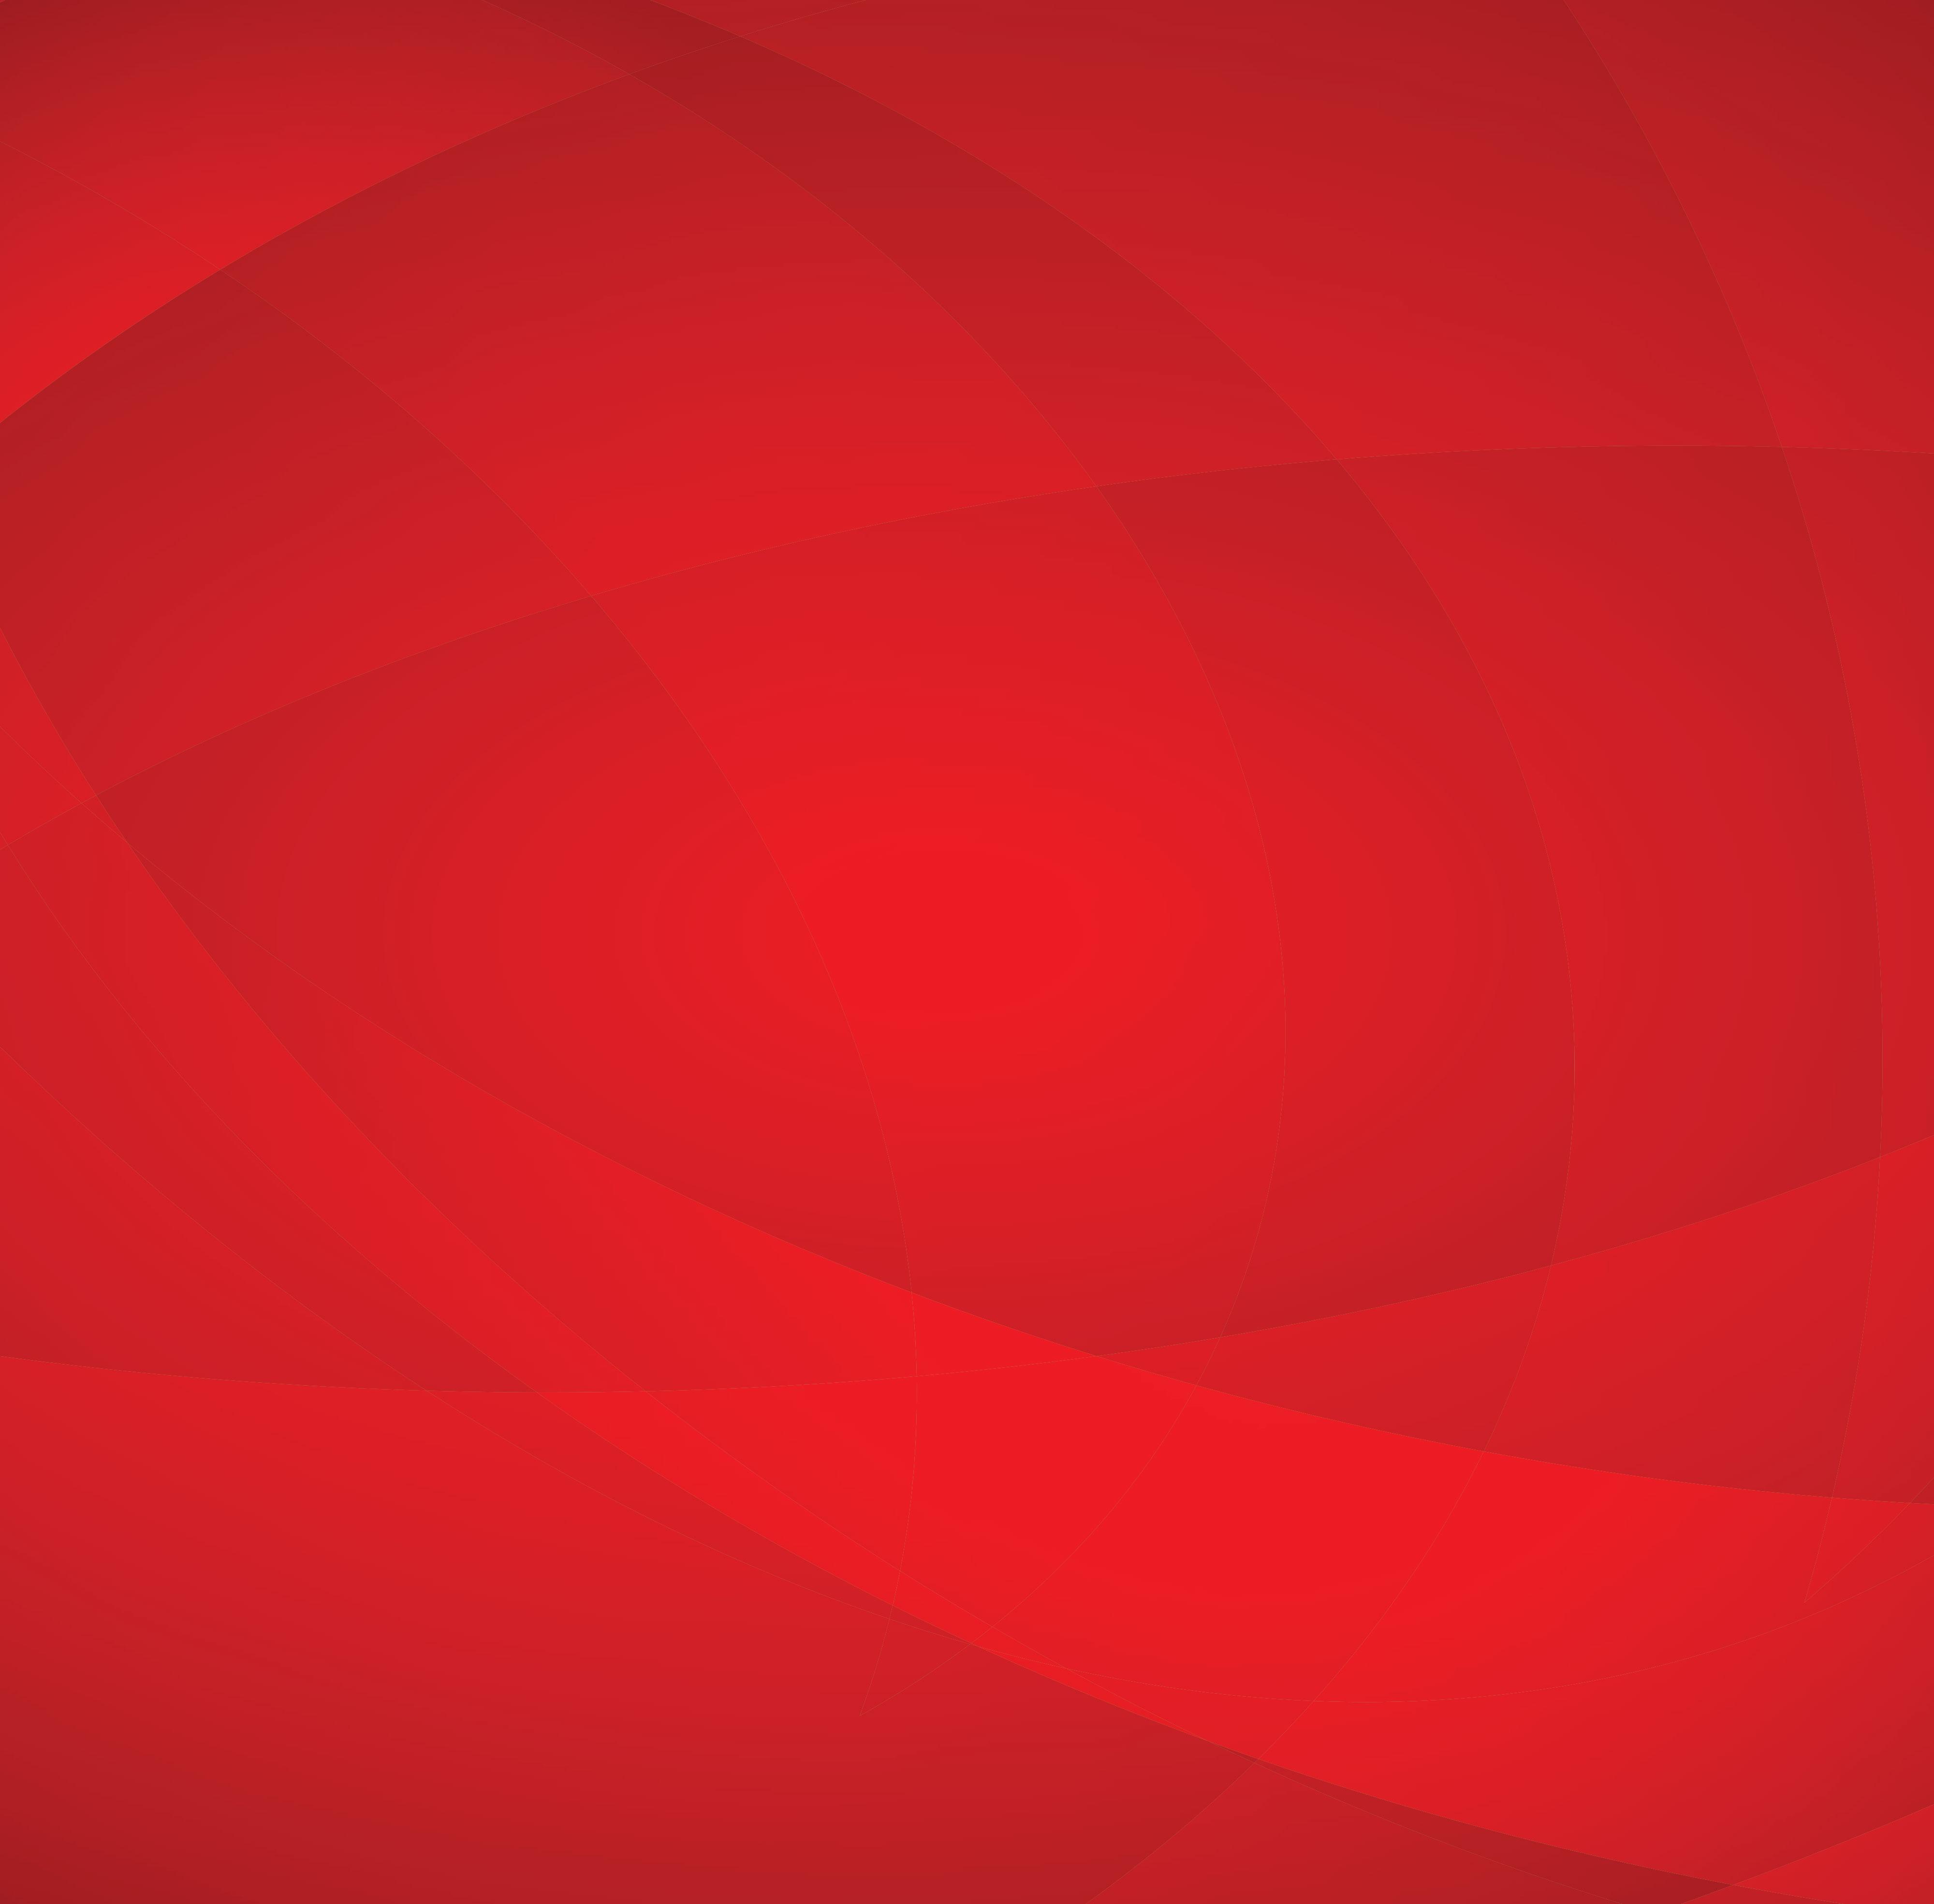 Cordavii Brands Website Background image Red